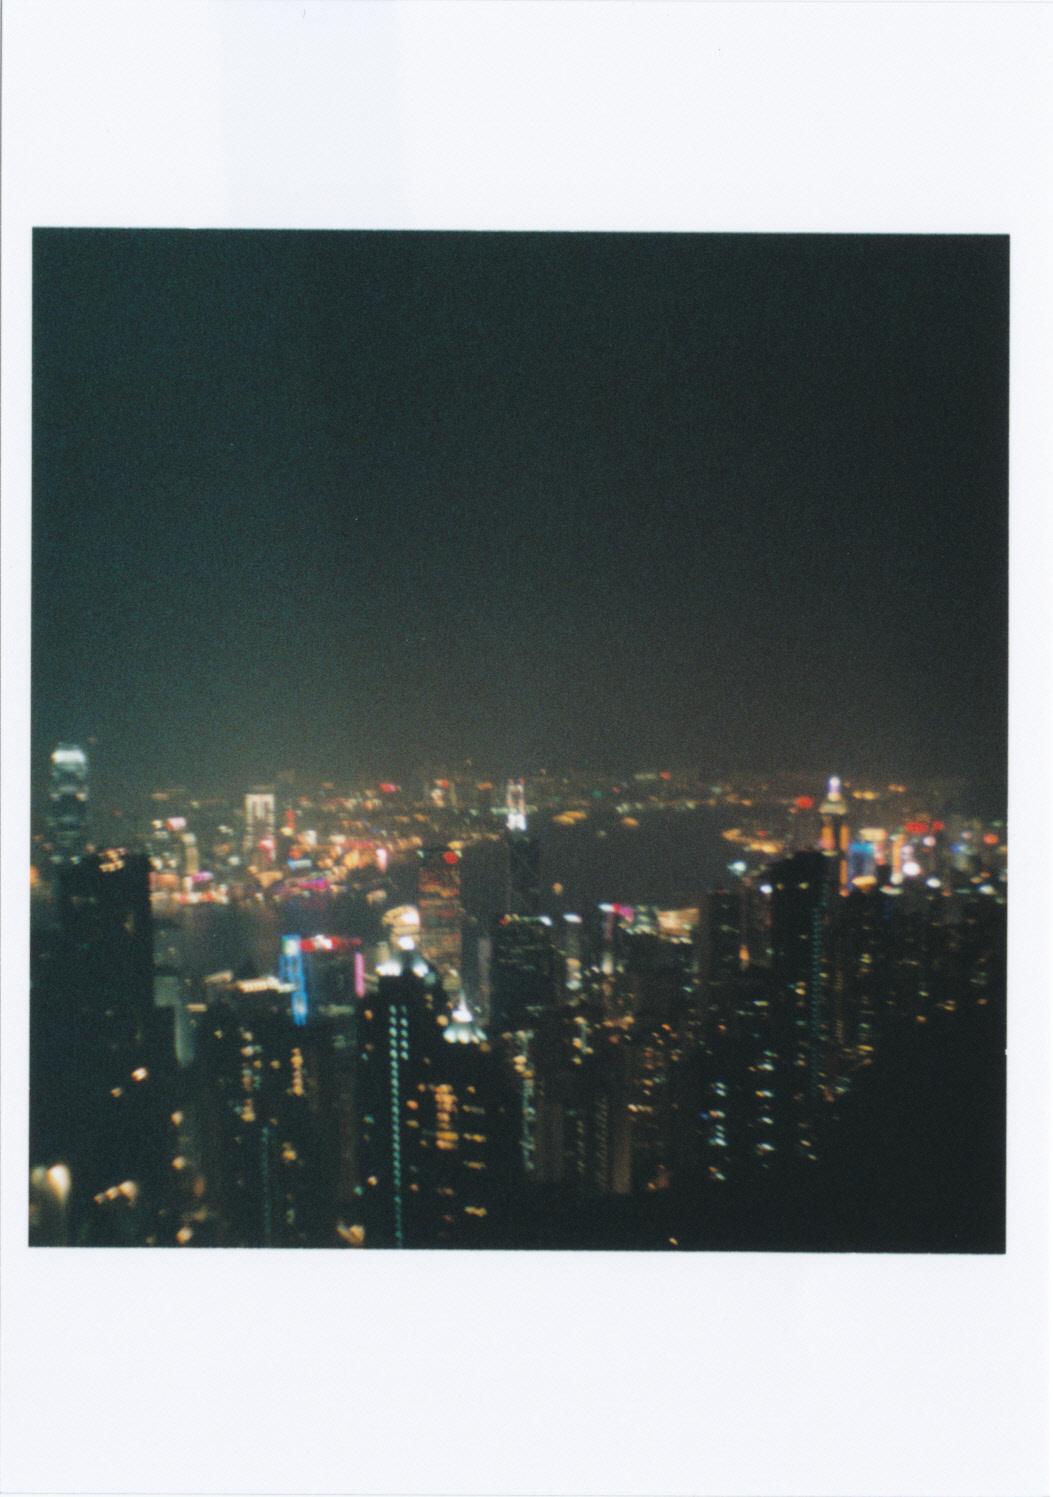 ピーク・ギャラリア屋上からの夜景02